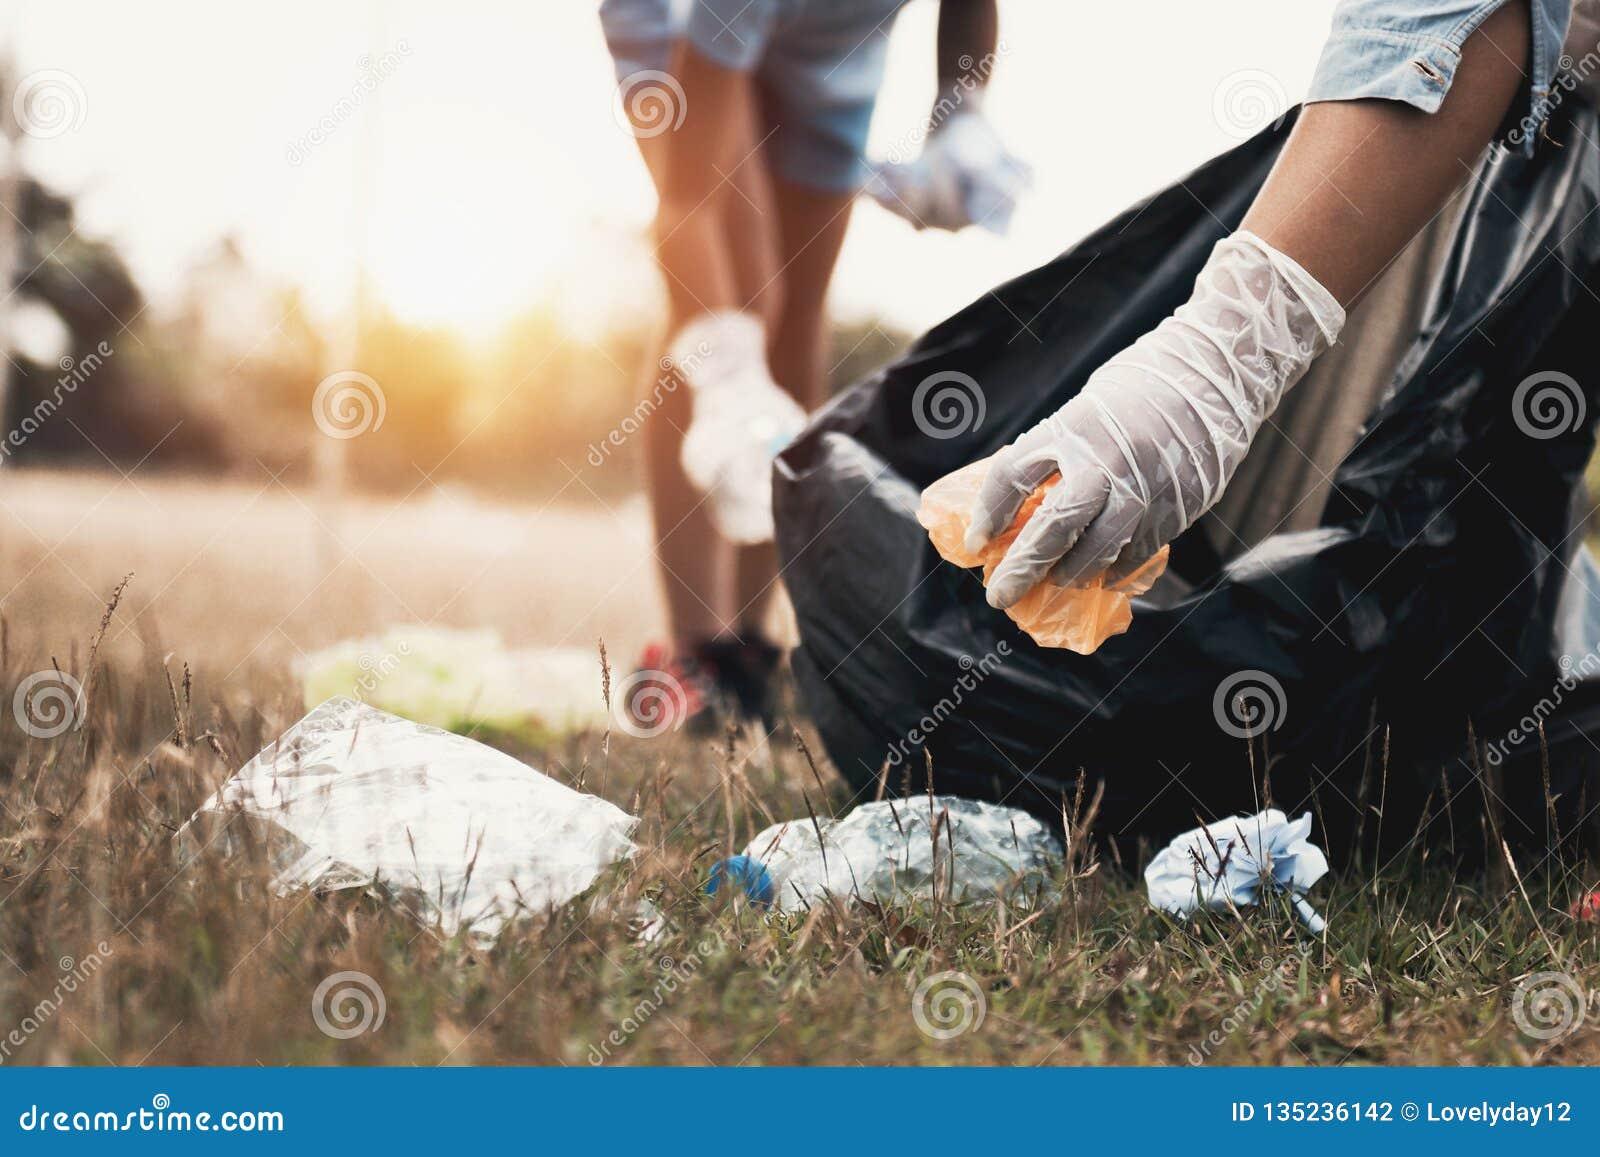 Main de femme prenant le plastique de déchets pour le nettoyage